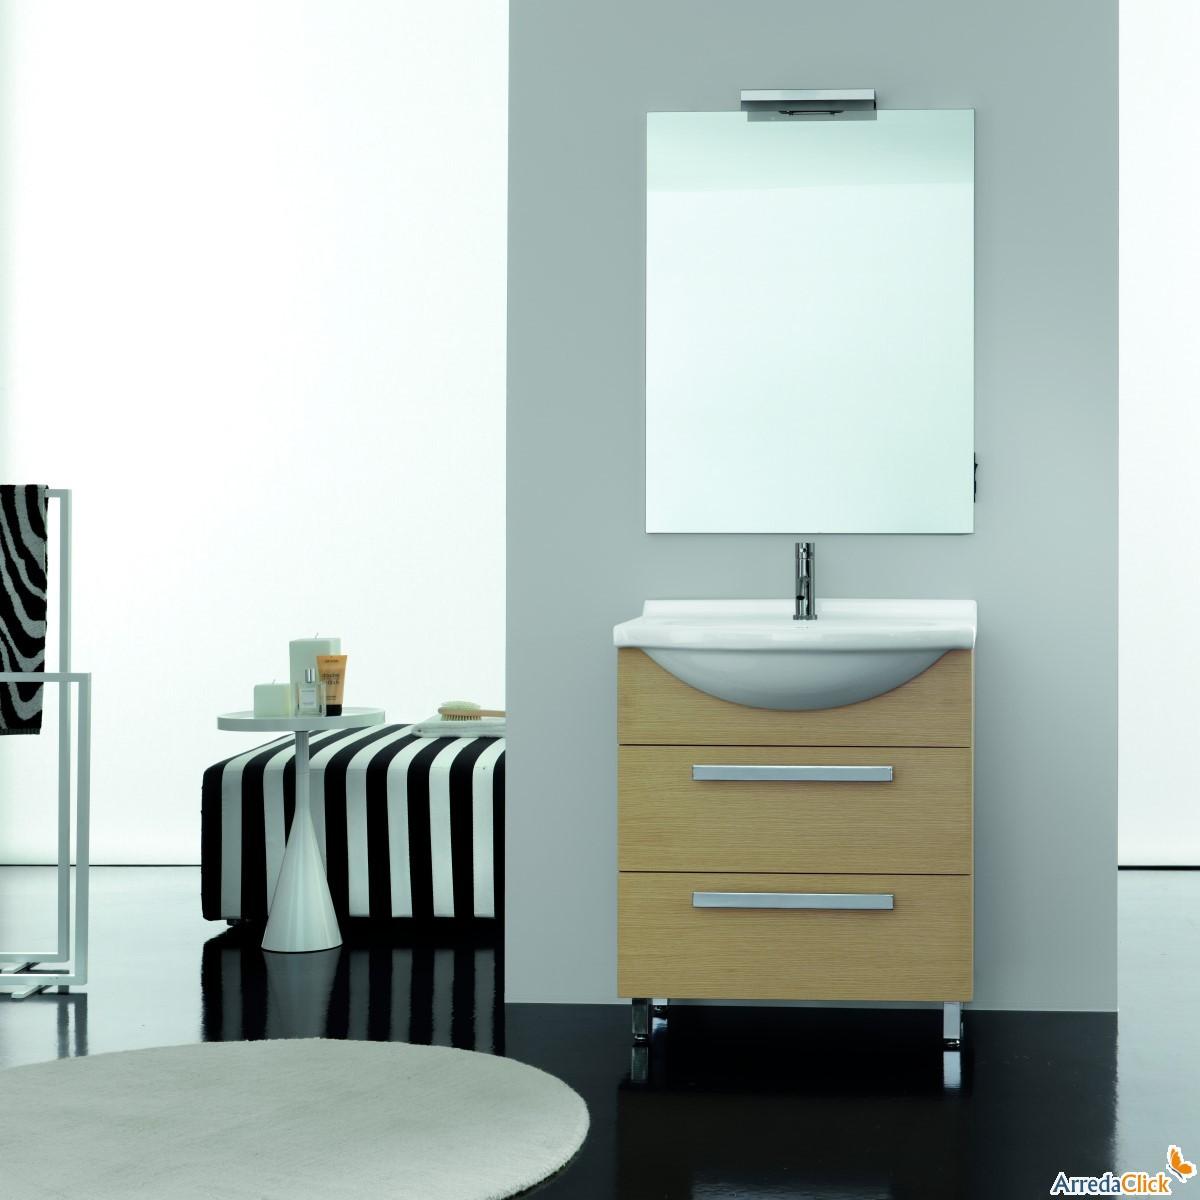 Elegant ricavare un secondo bagno in poco spazio con for Arredo bagno piccole dimensioni